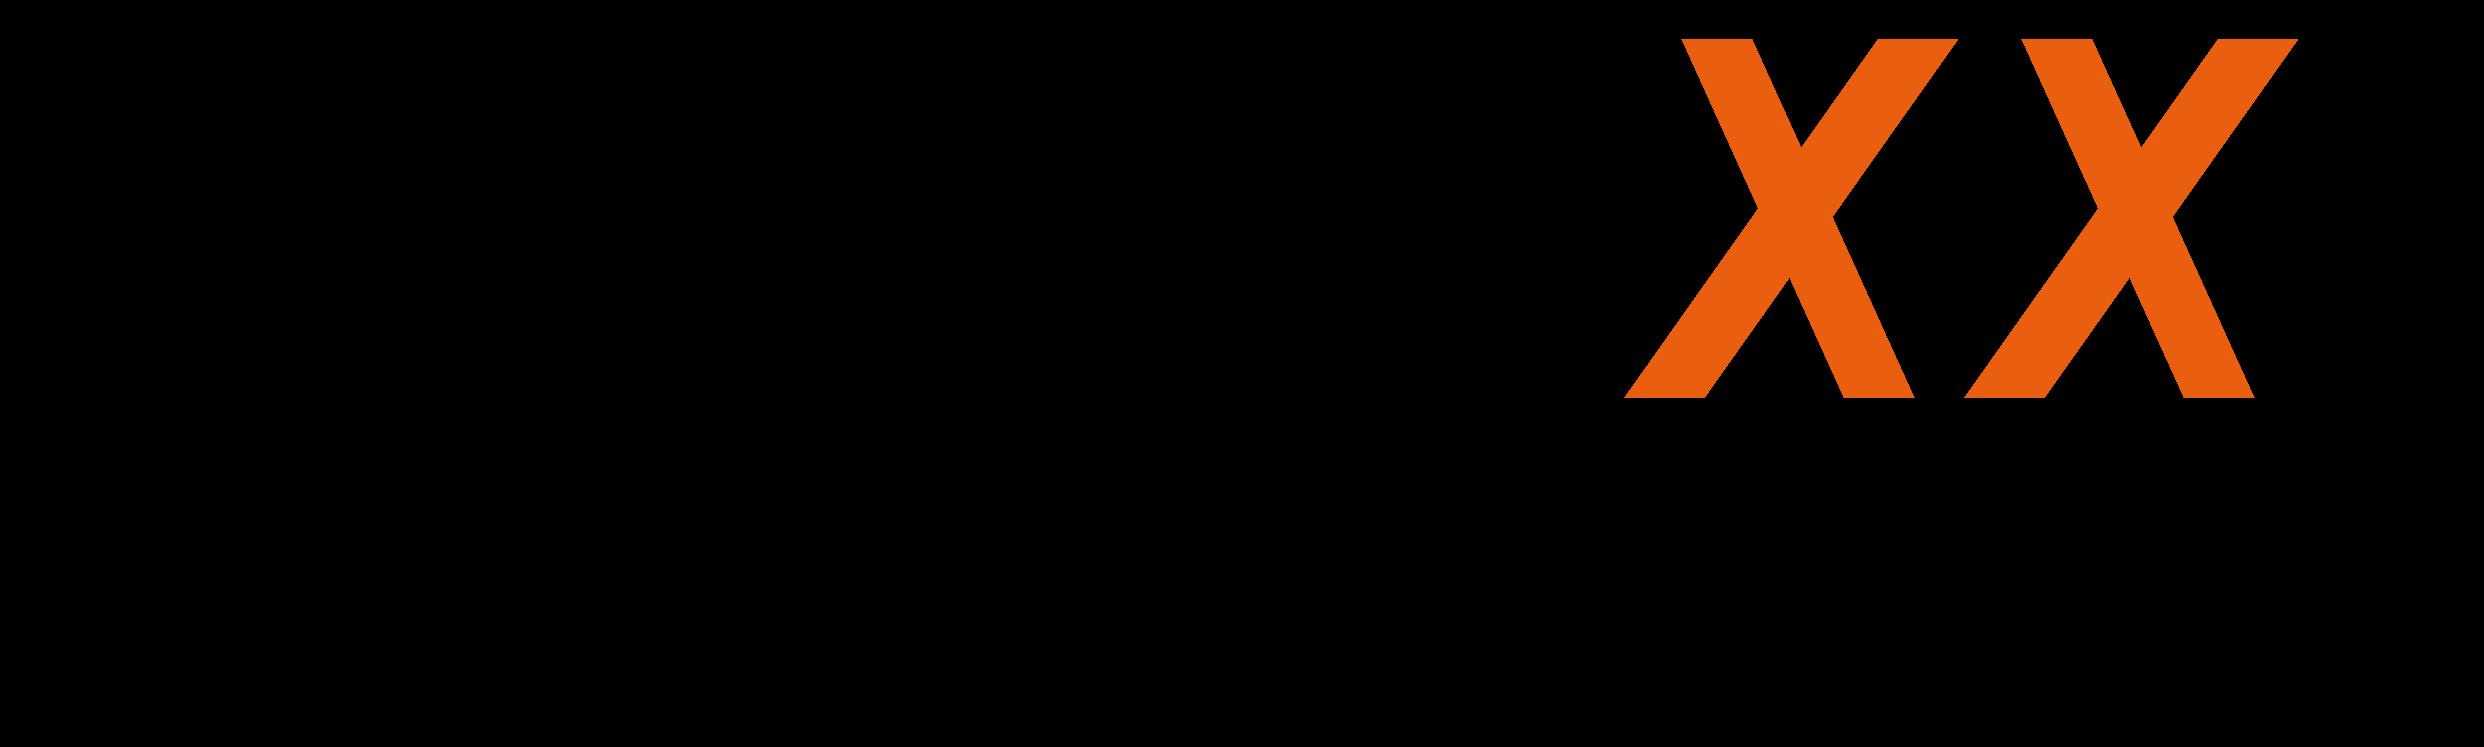 carloxx.de - Autoteile und Zubehör-Logo